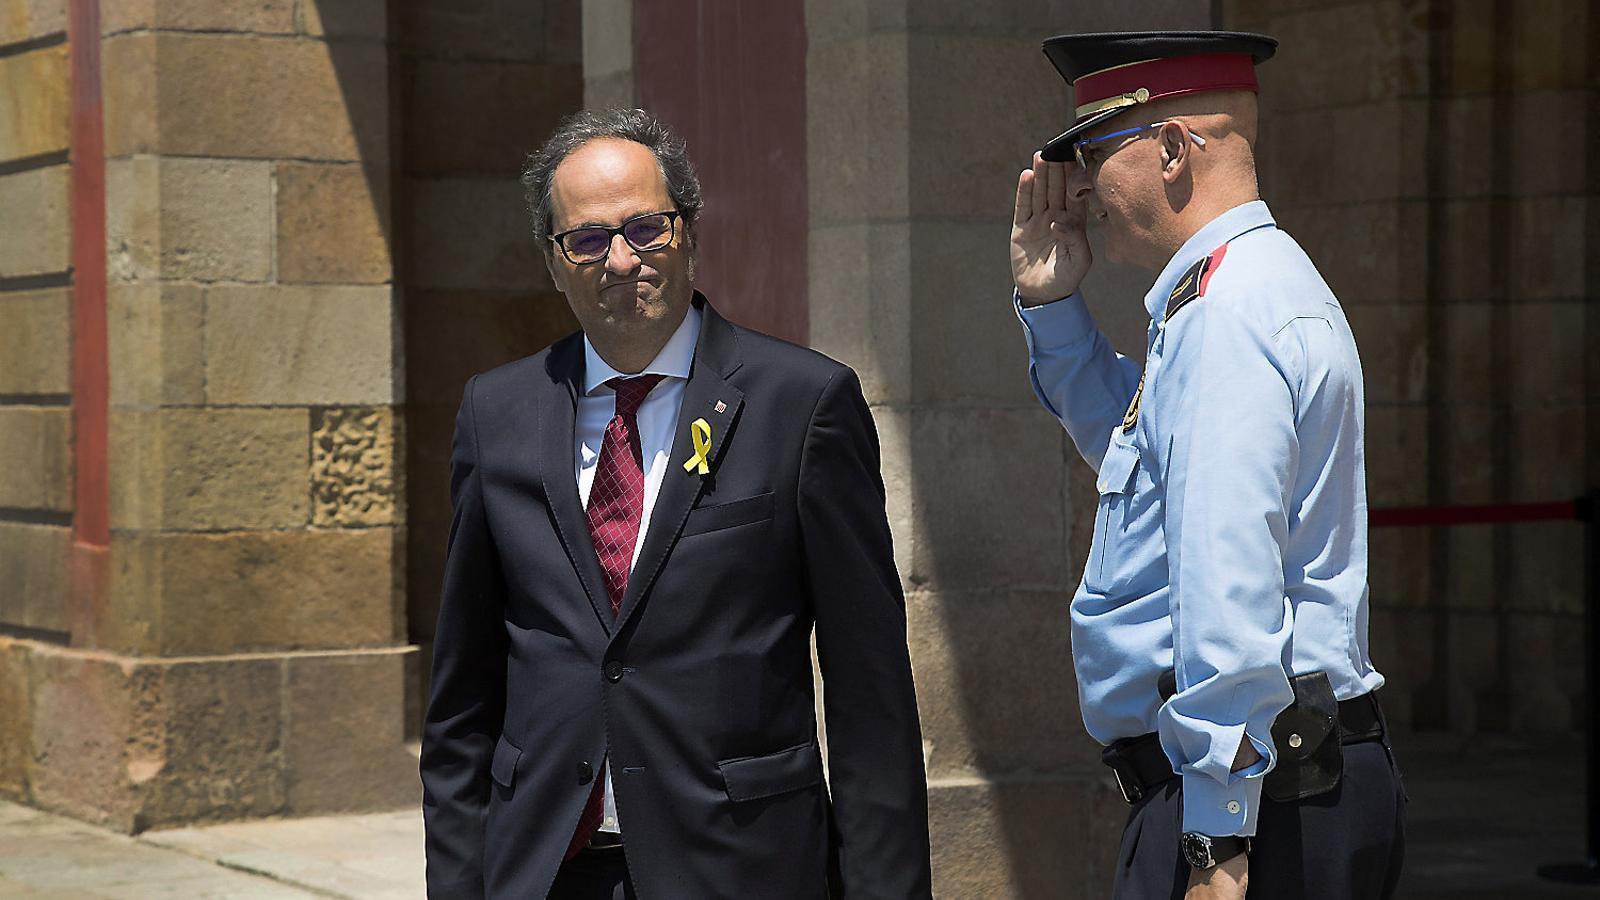 El president de la Generalitat de Catalunya, Quim Torra, ahir al migdia sortint del Parlament després d'assistir a una reunió del grup parlamentari de Junts per Catalunya.